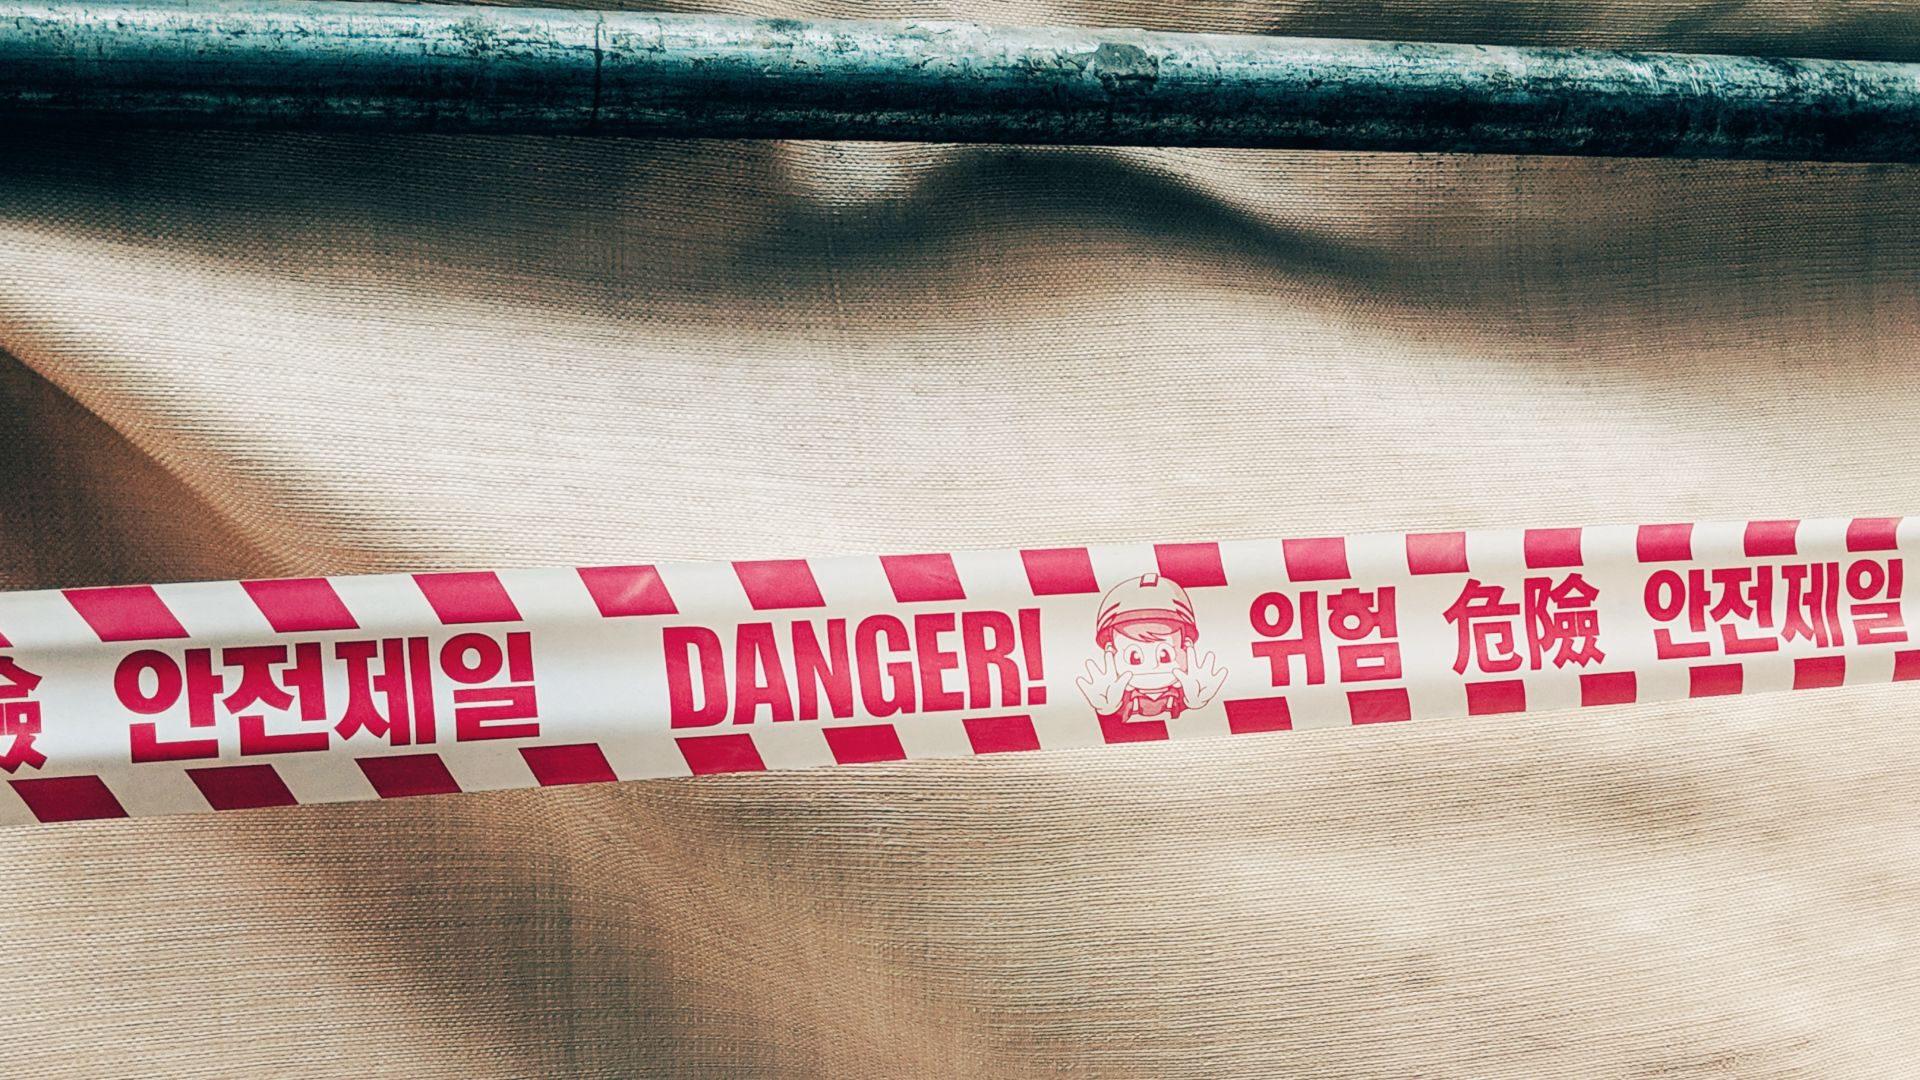 Warnhinweisband Gefahr auf Koreanisch